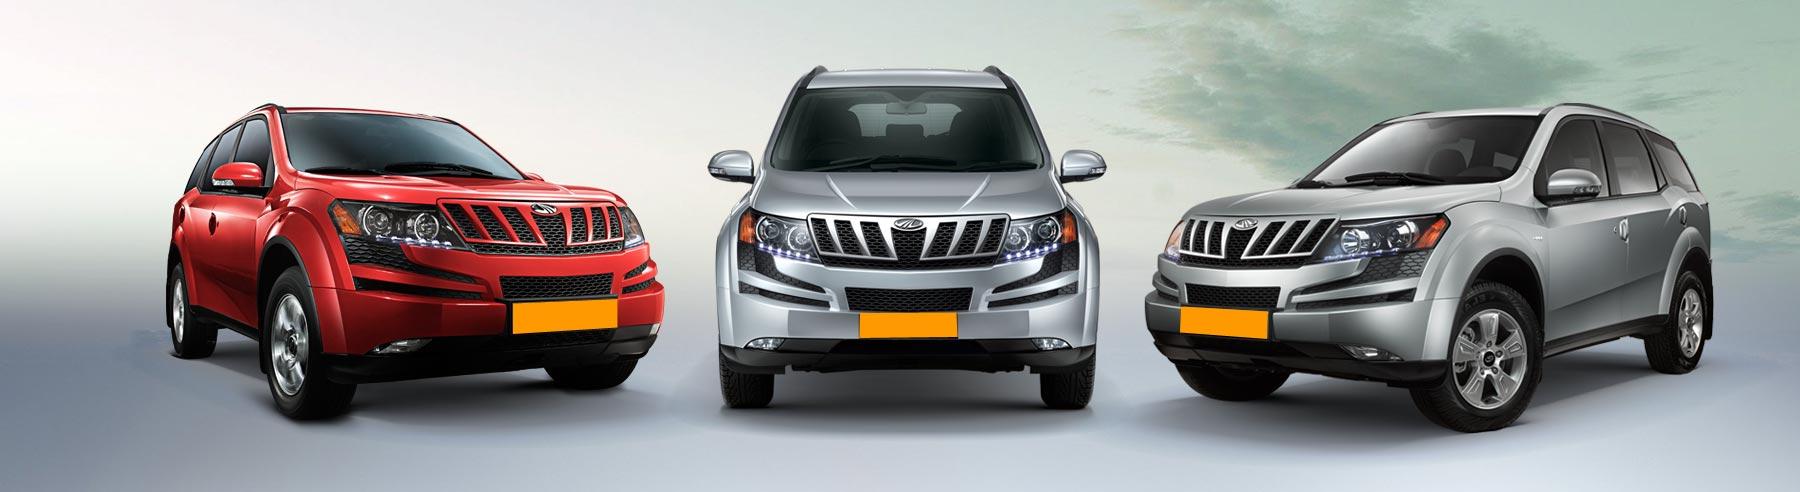 MUV Car Rental